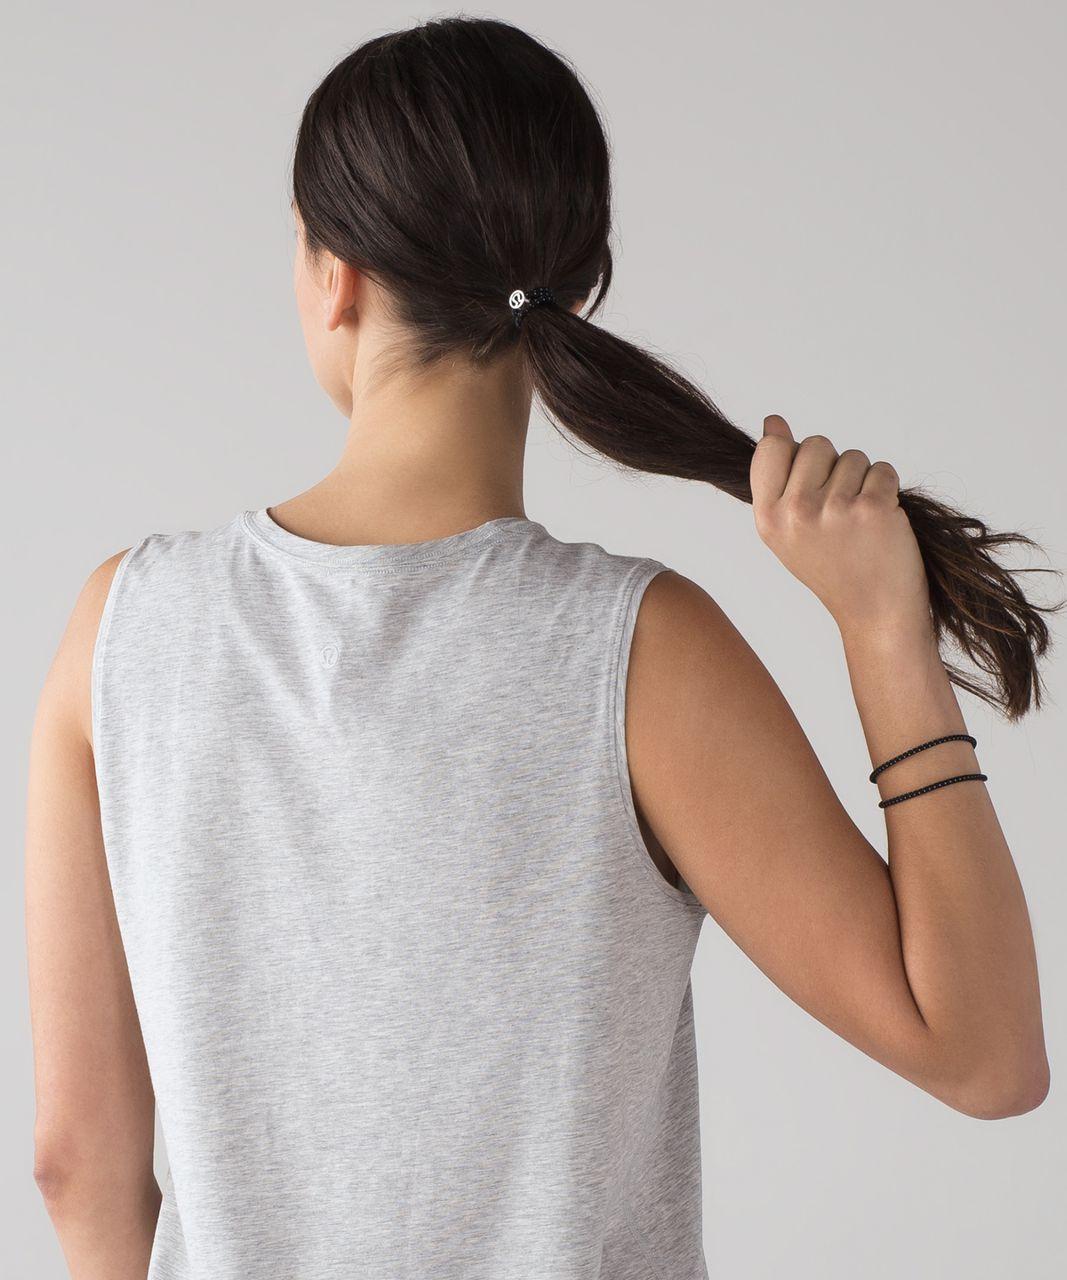 Lululemon Glow On Hair Ties - Black